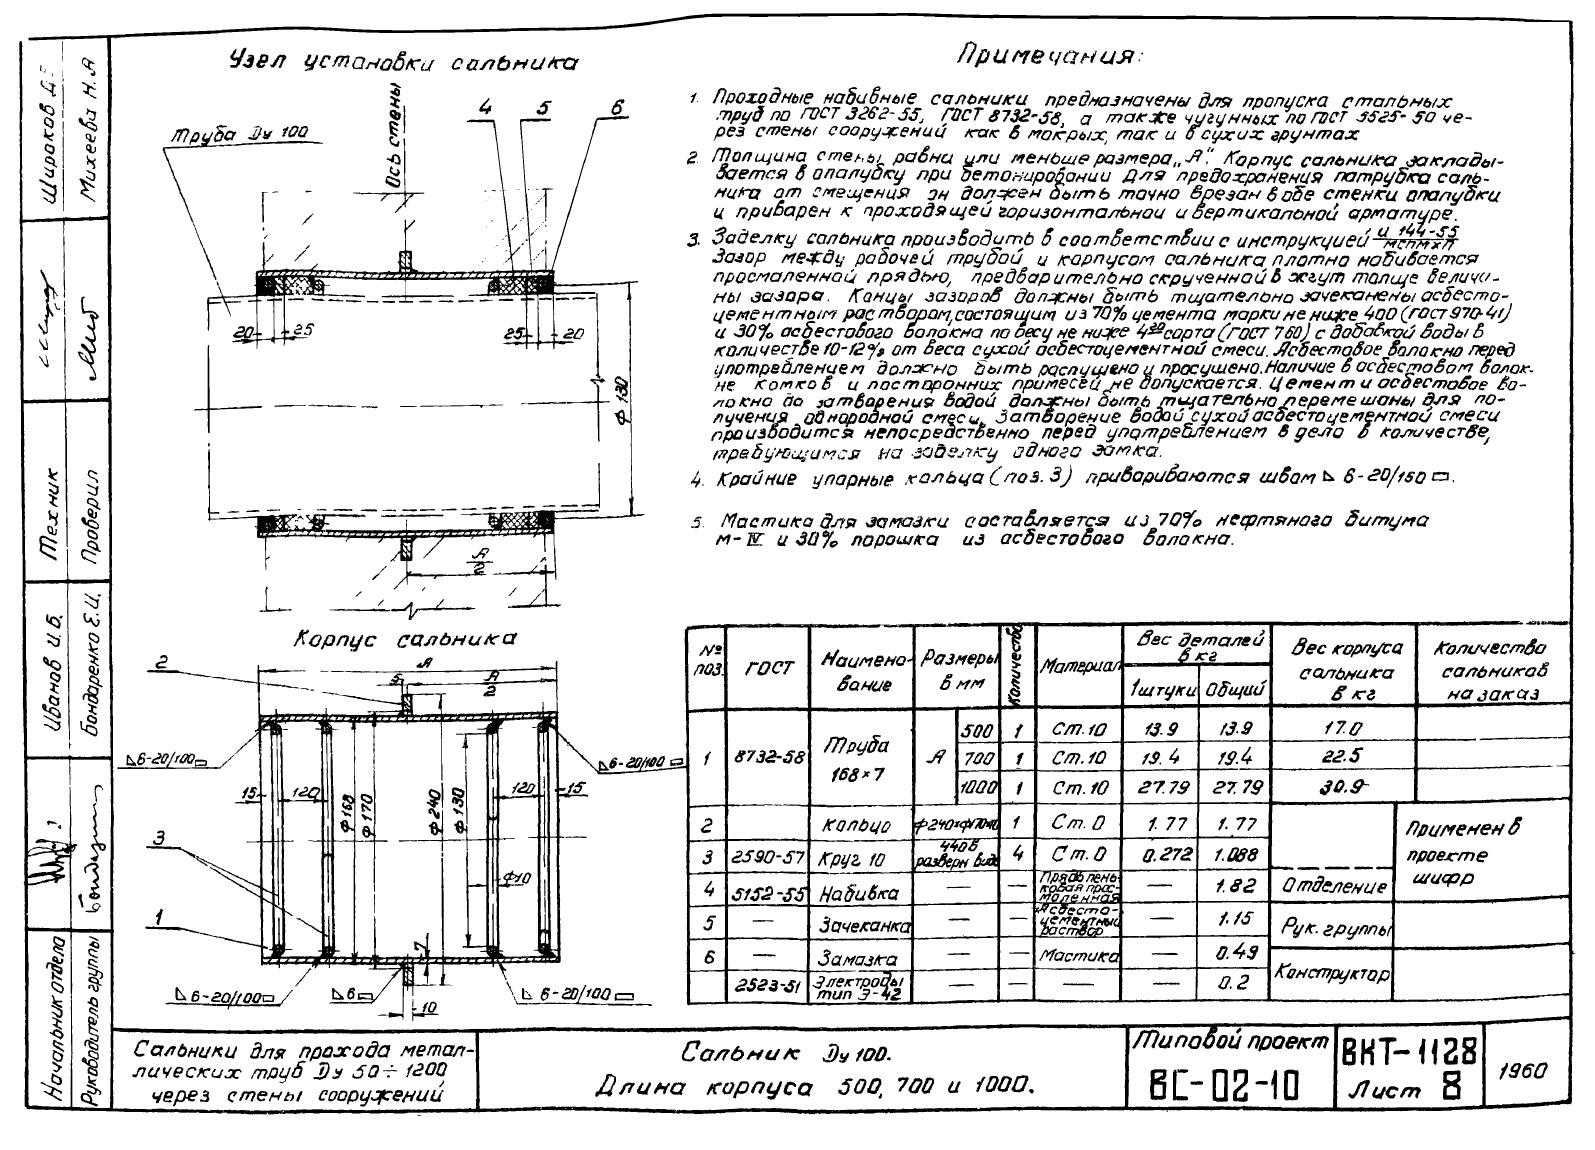 Сальники набивные L = 700 мм типовой проект ВС-02-10 стр.3